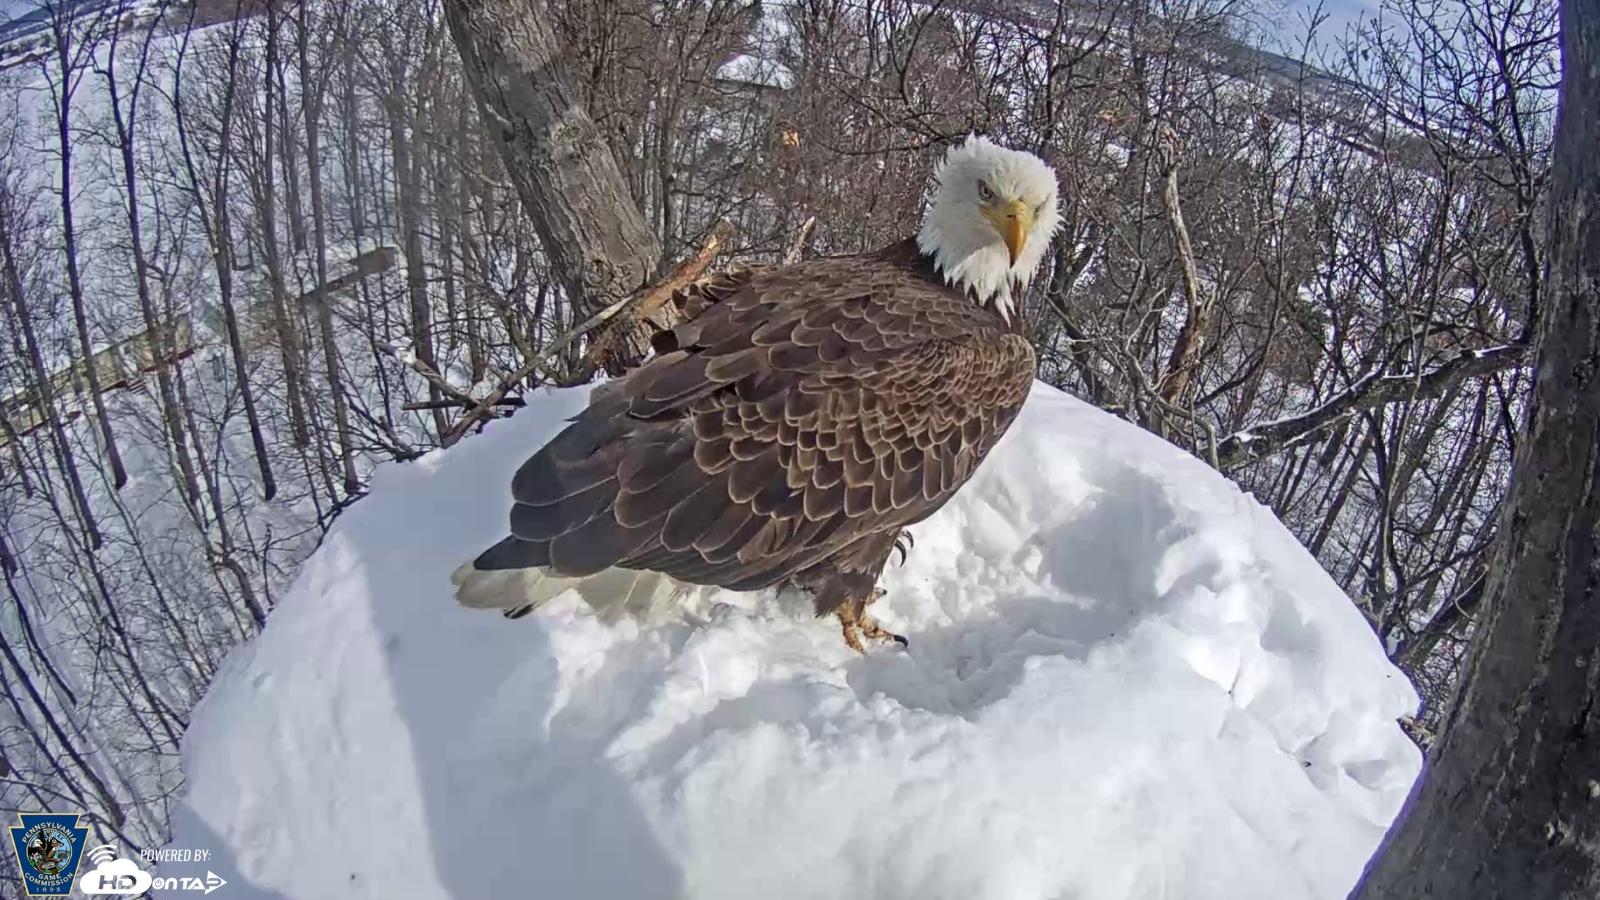 eagle_snow_7_03222018_1521736413583.jpg